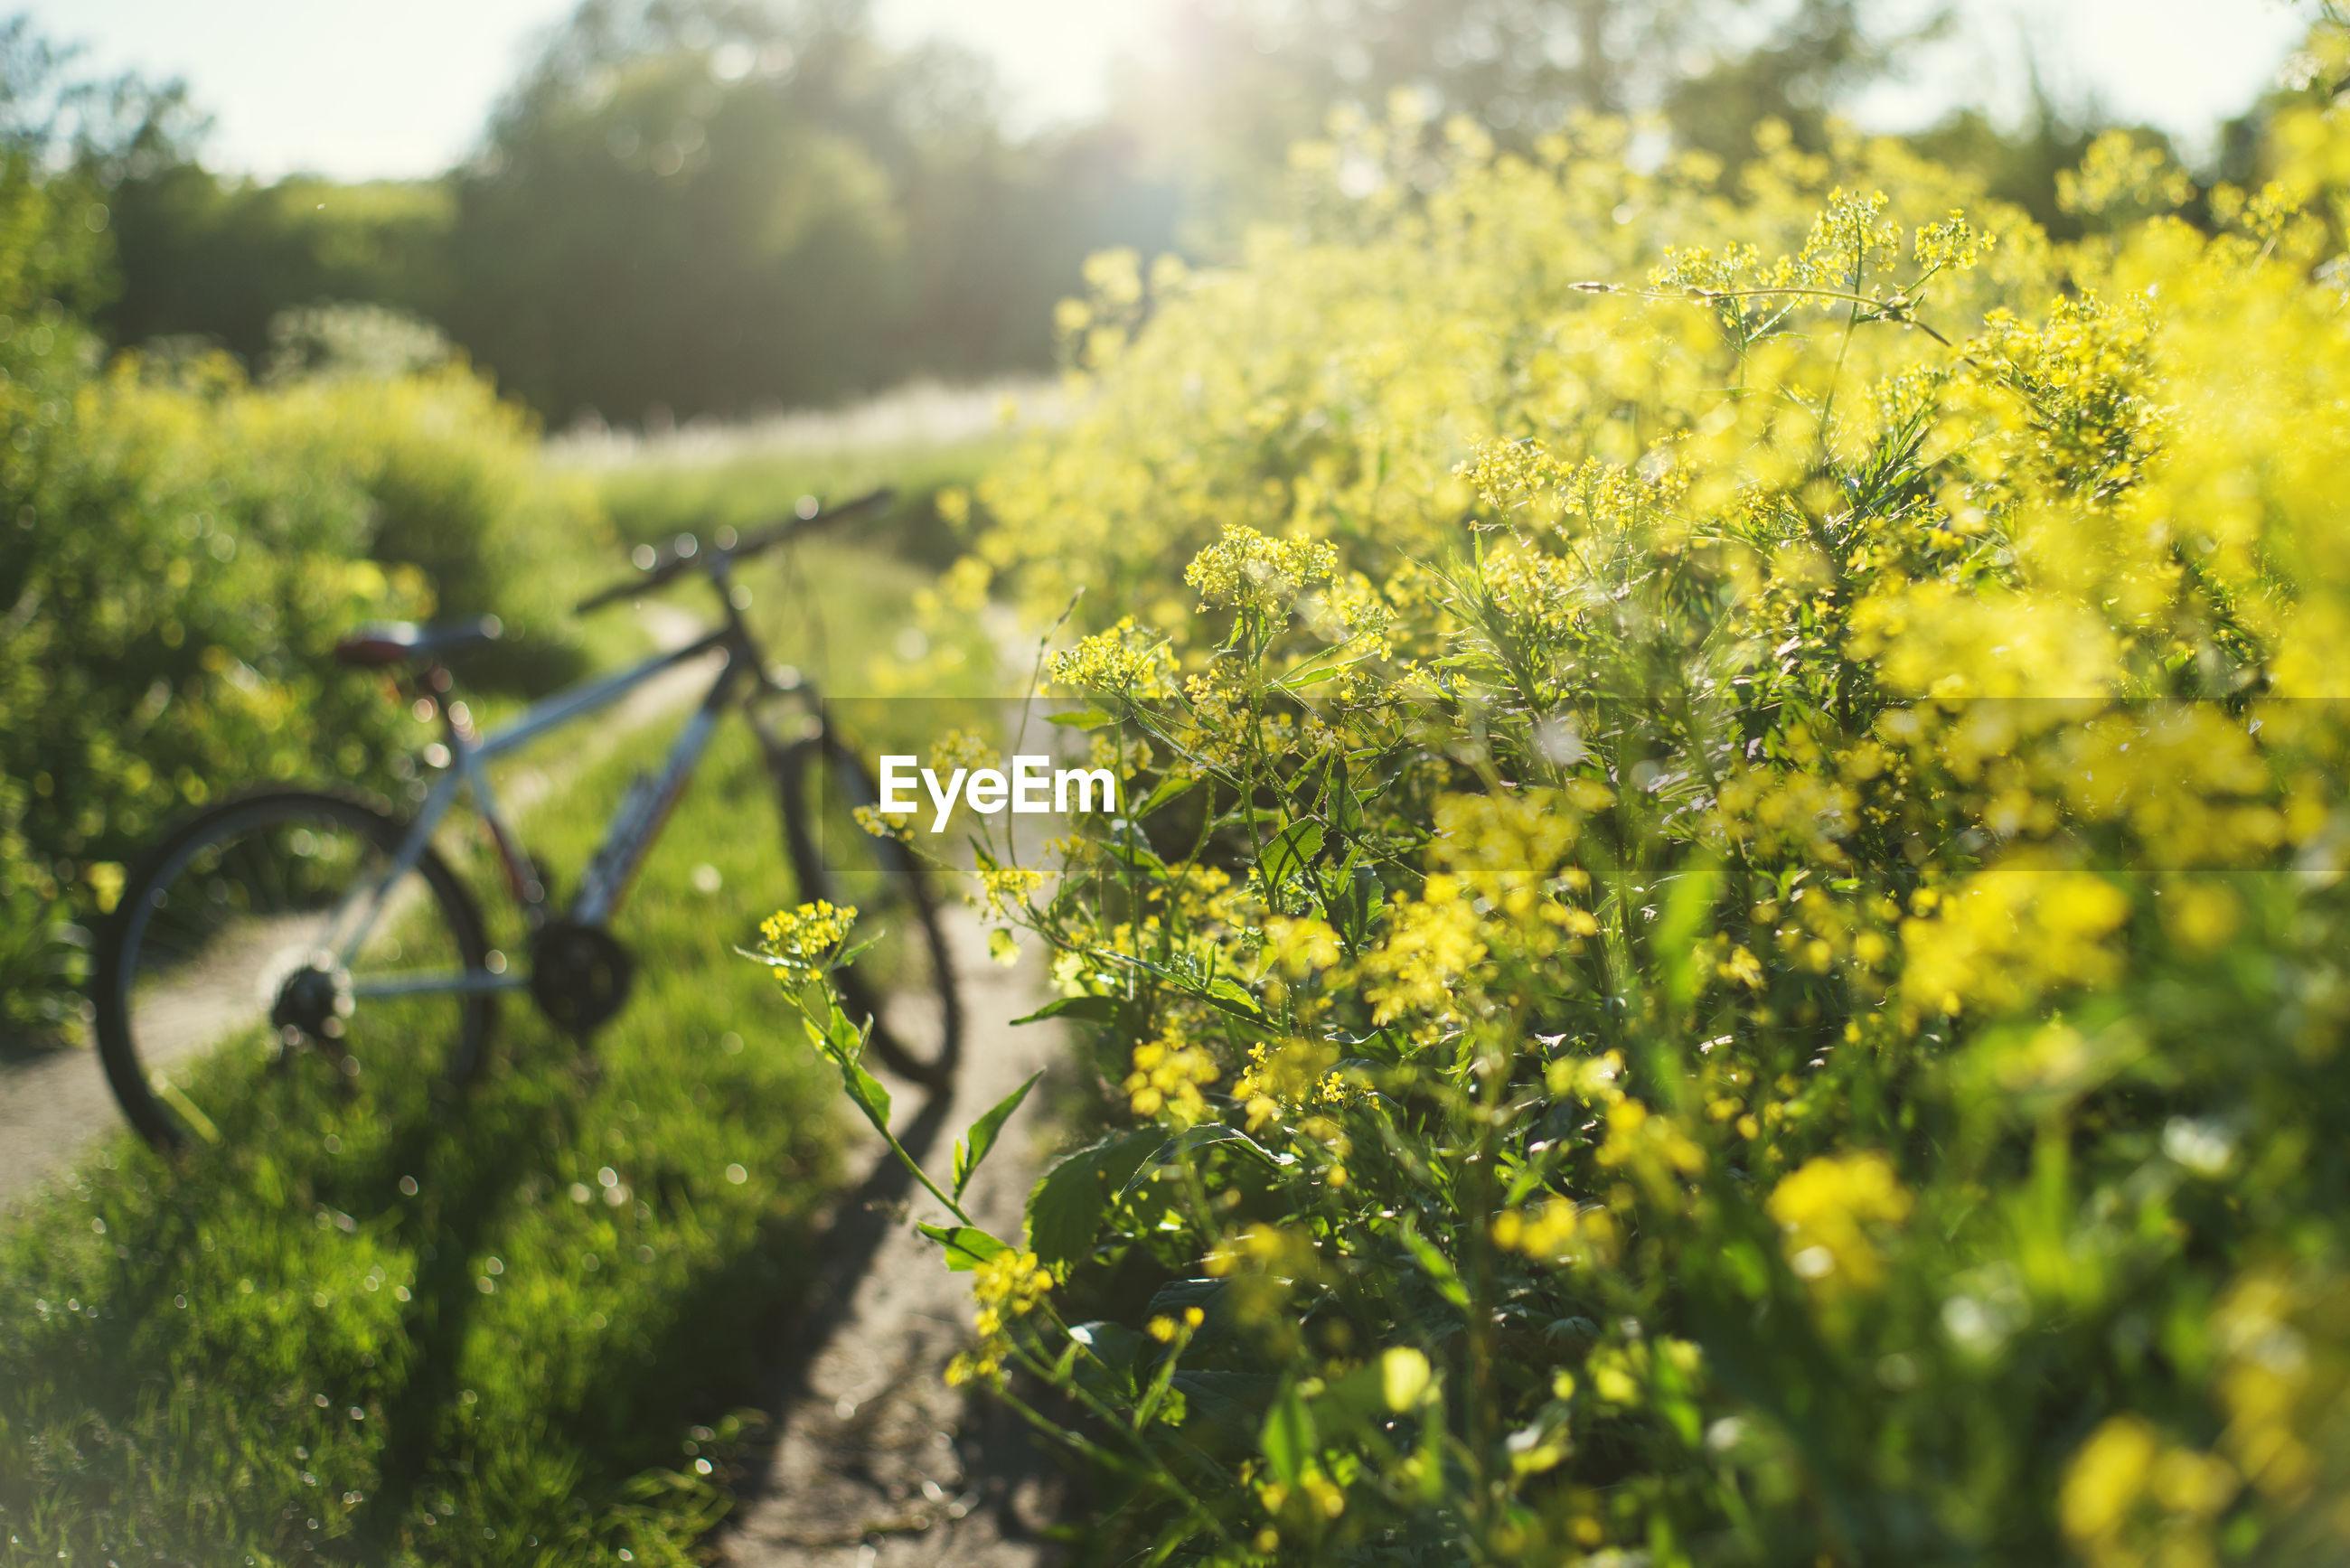 YELLOW FLOWERING PLANTS IN FIELD